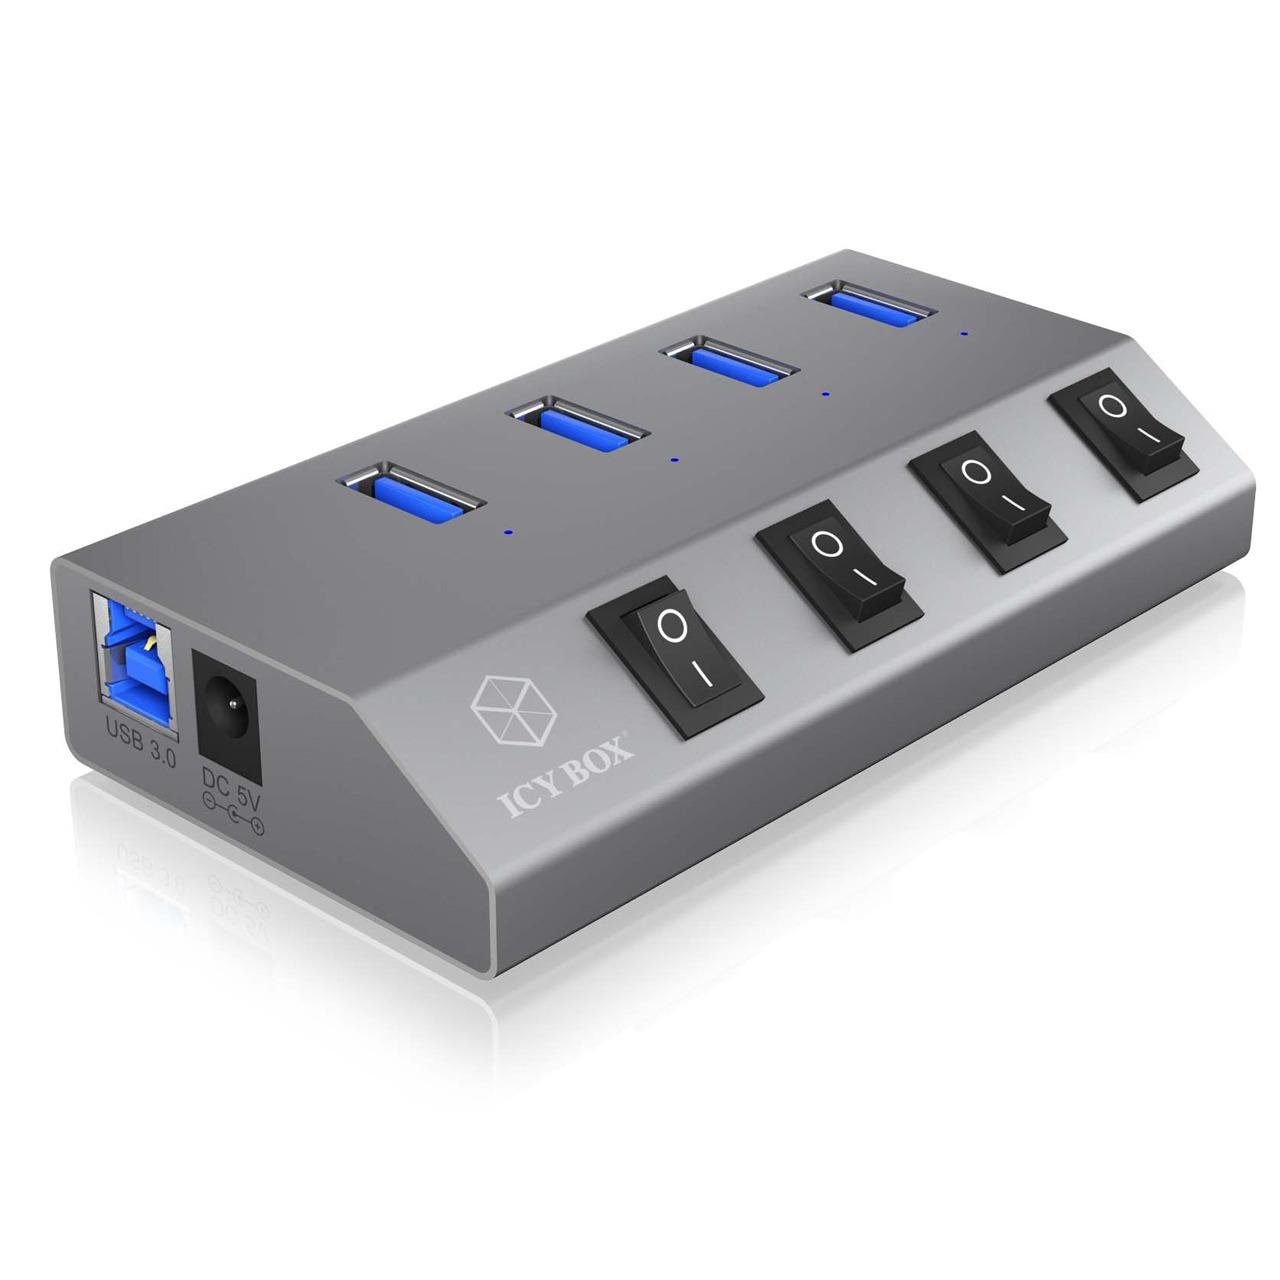 ICY BOX aktiver 4-Port-USB-3.0-Hub IB-HUB1405- An-/Ausschalter für jeden Port- bis zu 5 Gbit/s